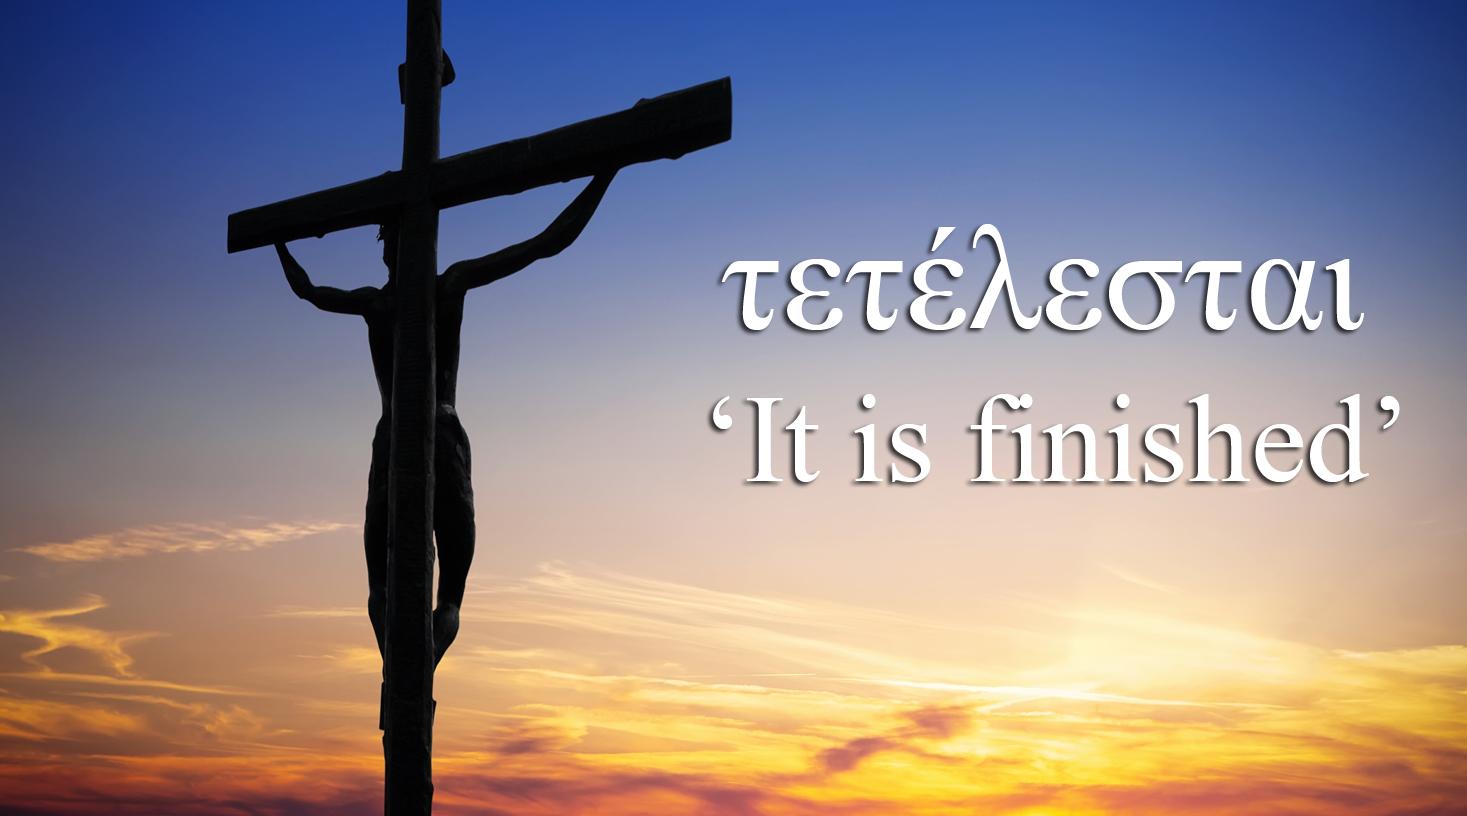 Jesus Christ on the cross - Olive Tree Blog